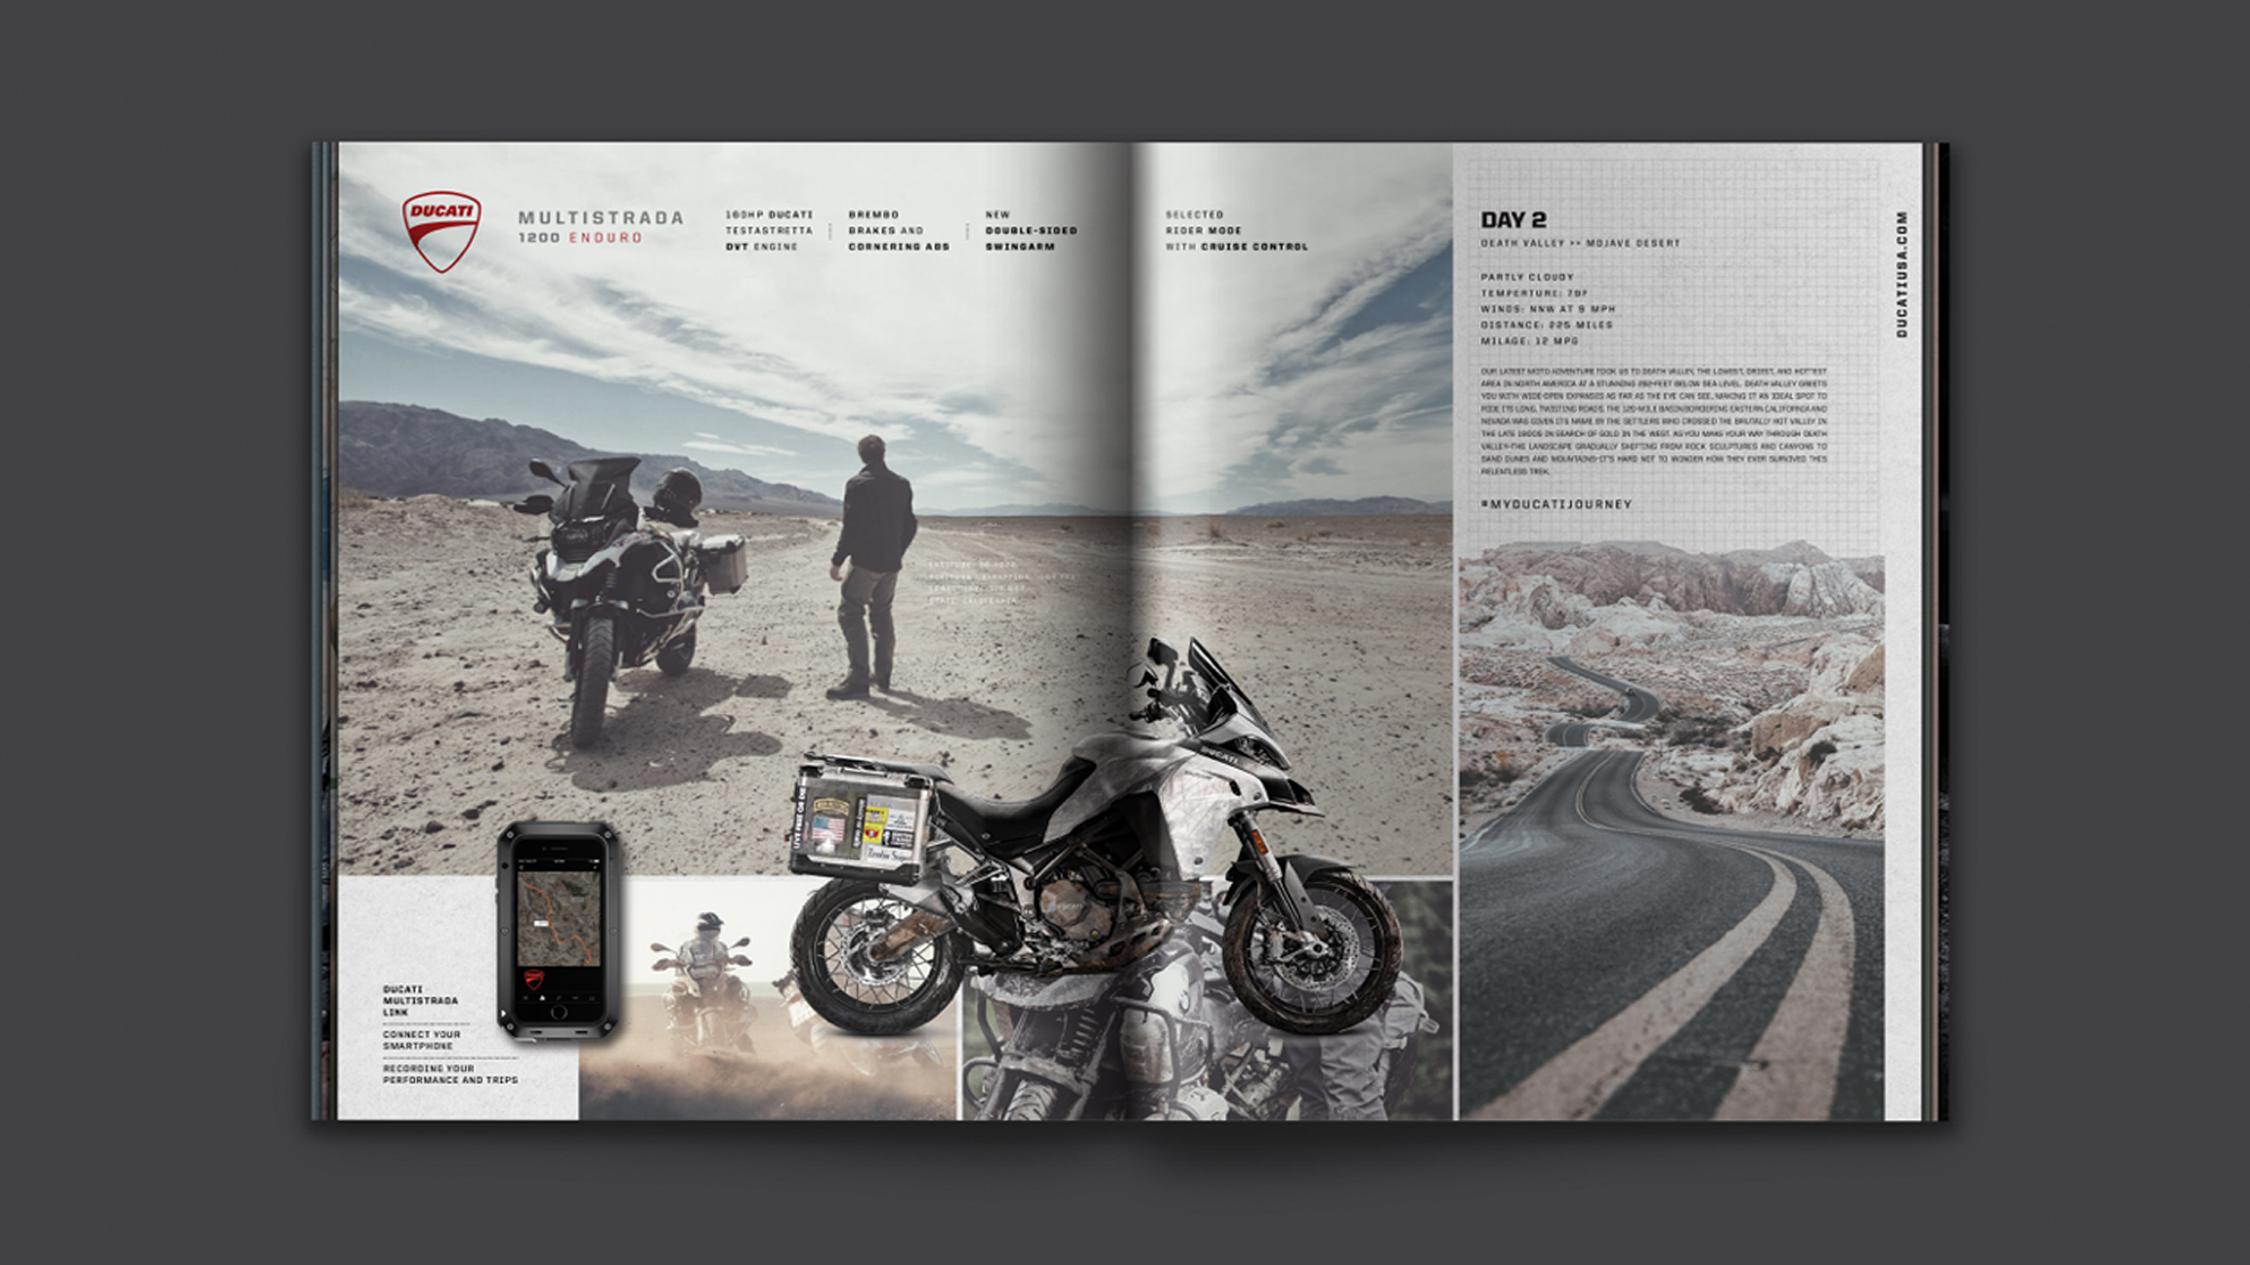 Ducati_22.jpg